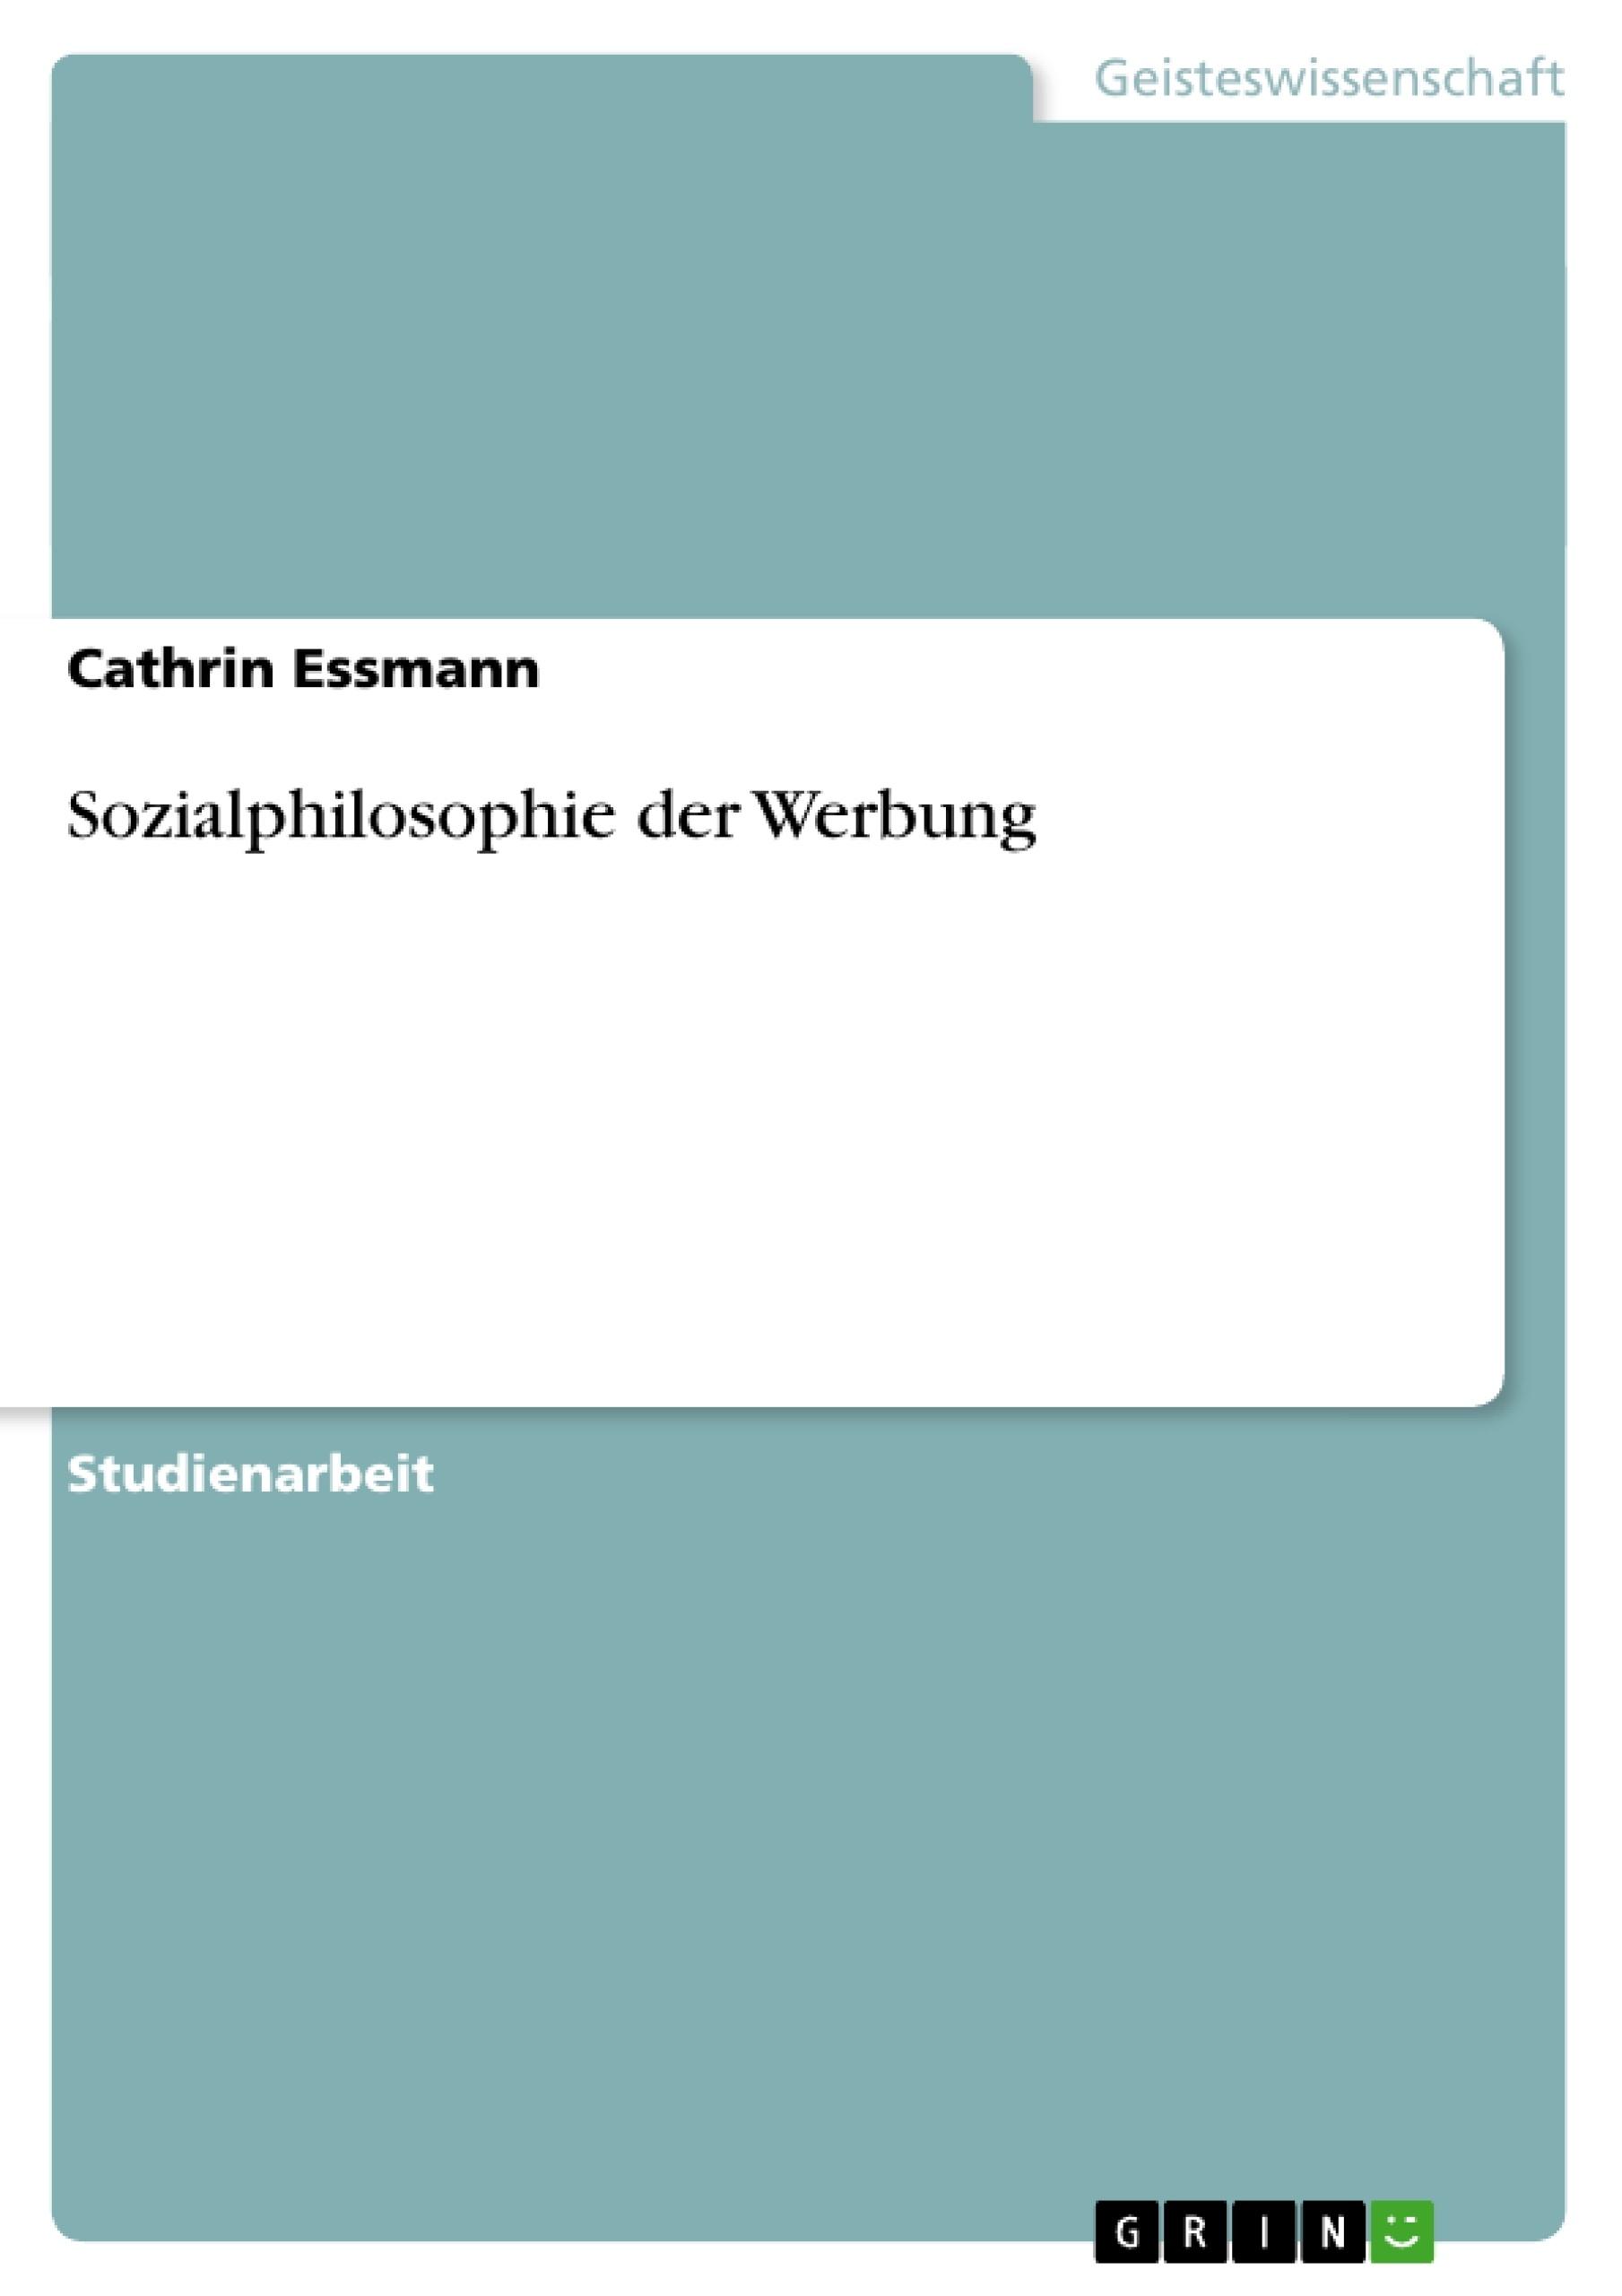 Titel: Sozialphilosophie der Werbung